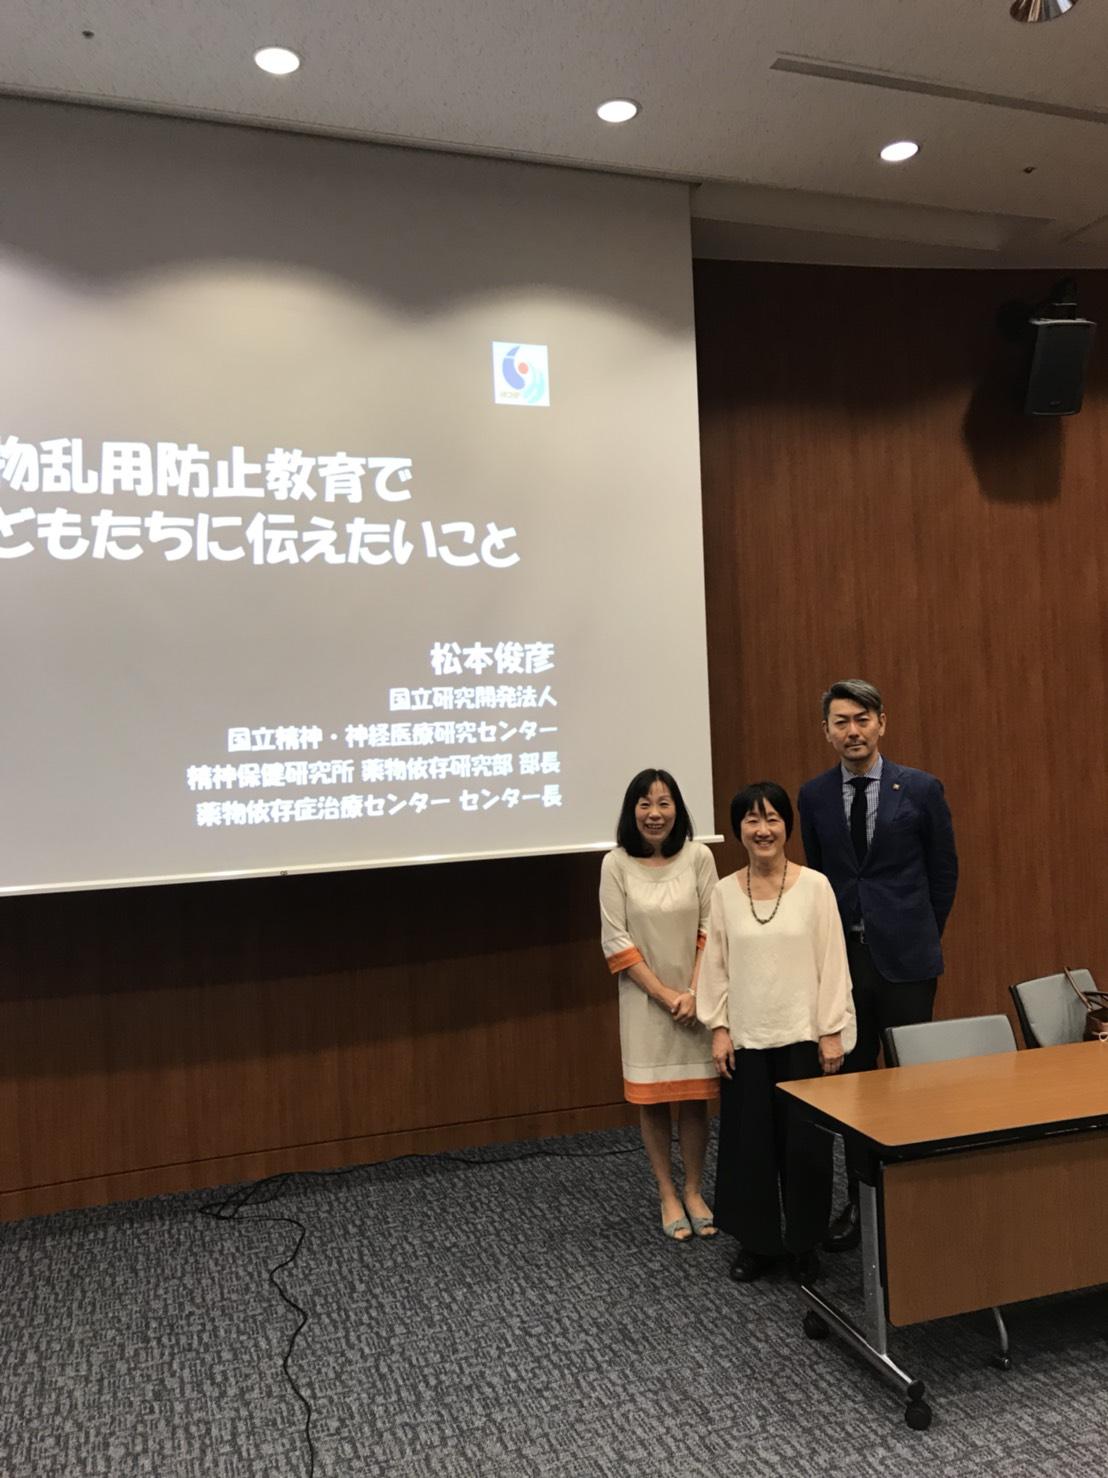 依存症予防教室モデル授業in札幌です